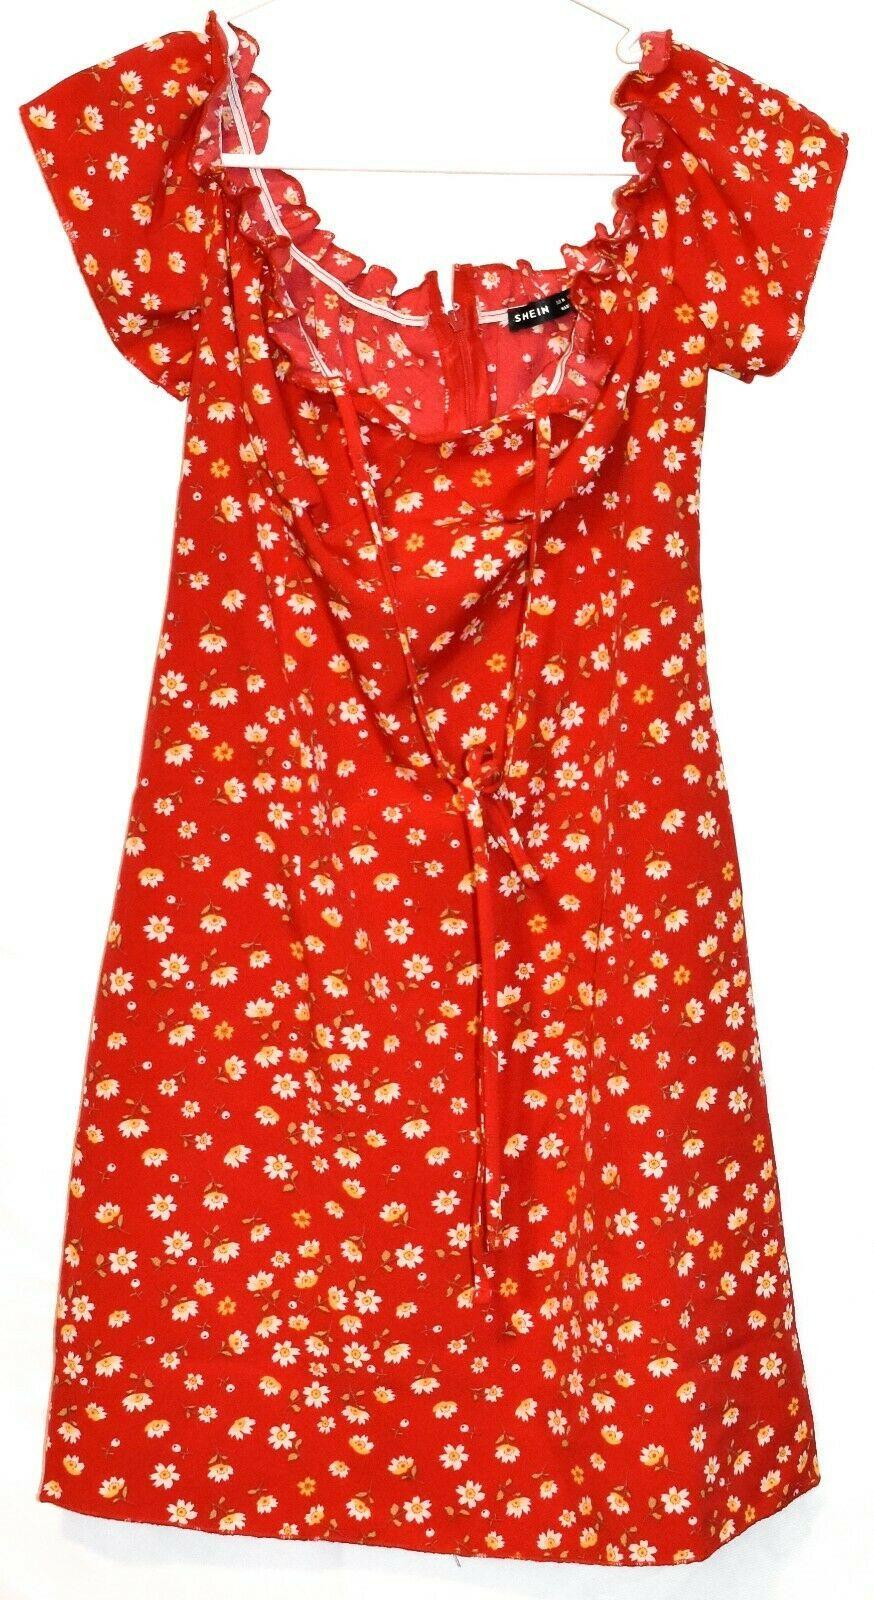 Shein Women's Red Floral Ruffle Zipper Back Sundress Sun Dress Size M